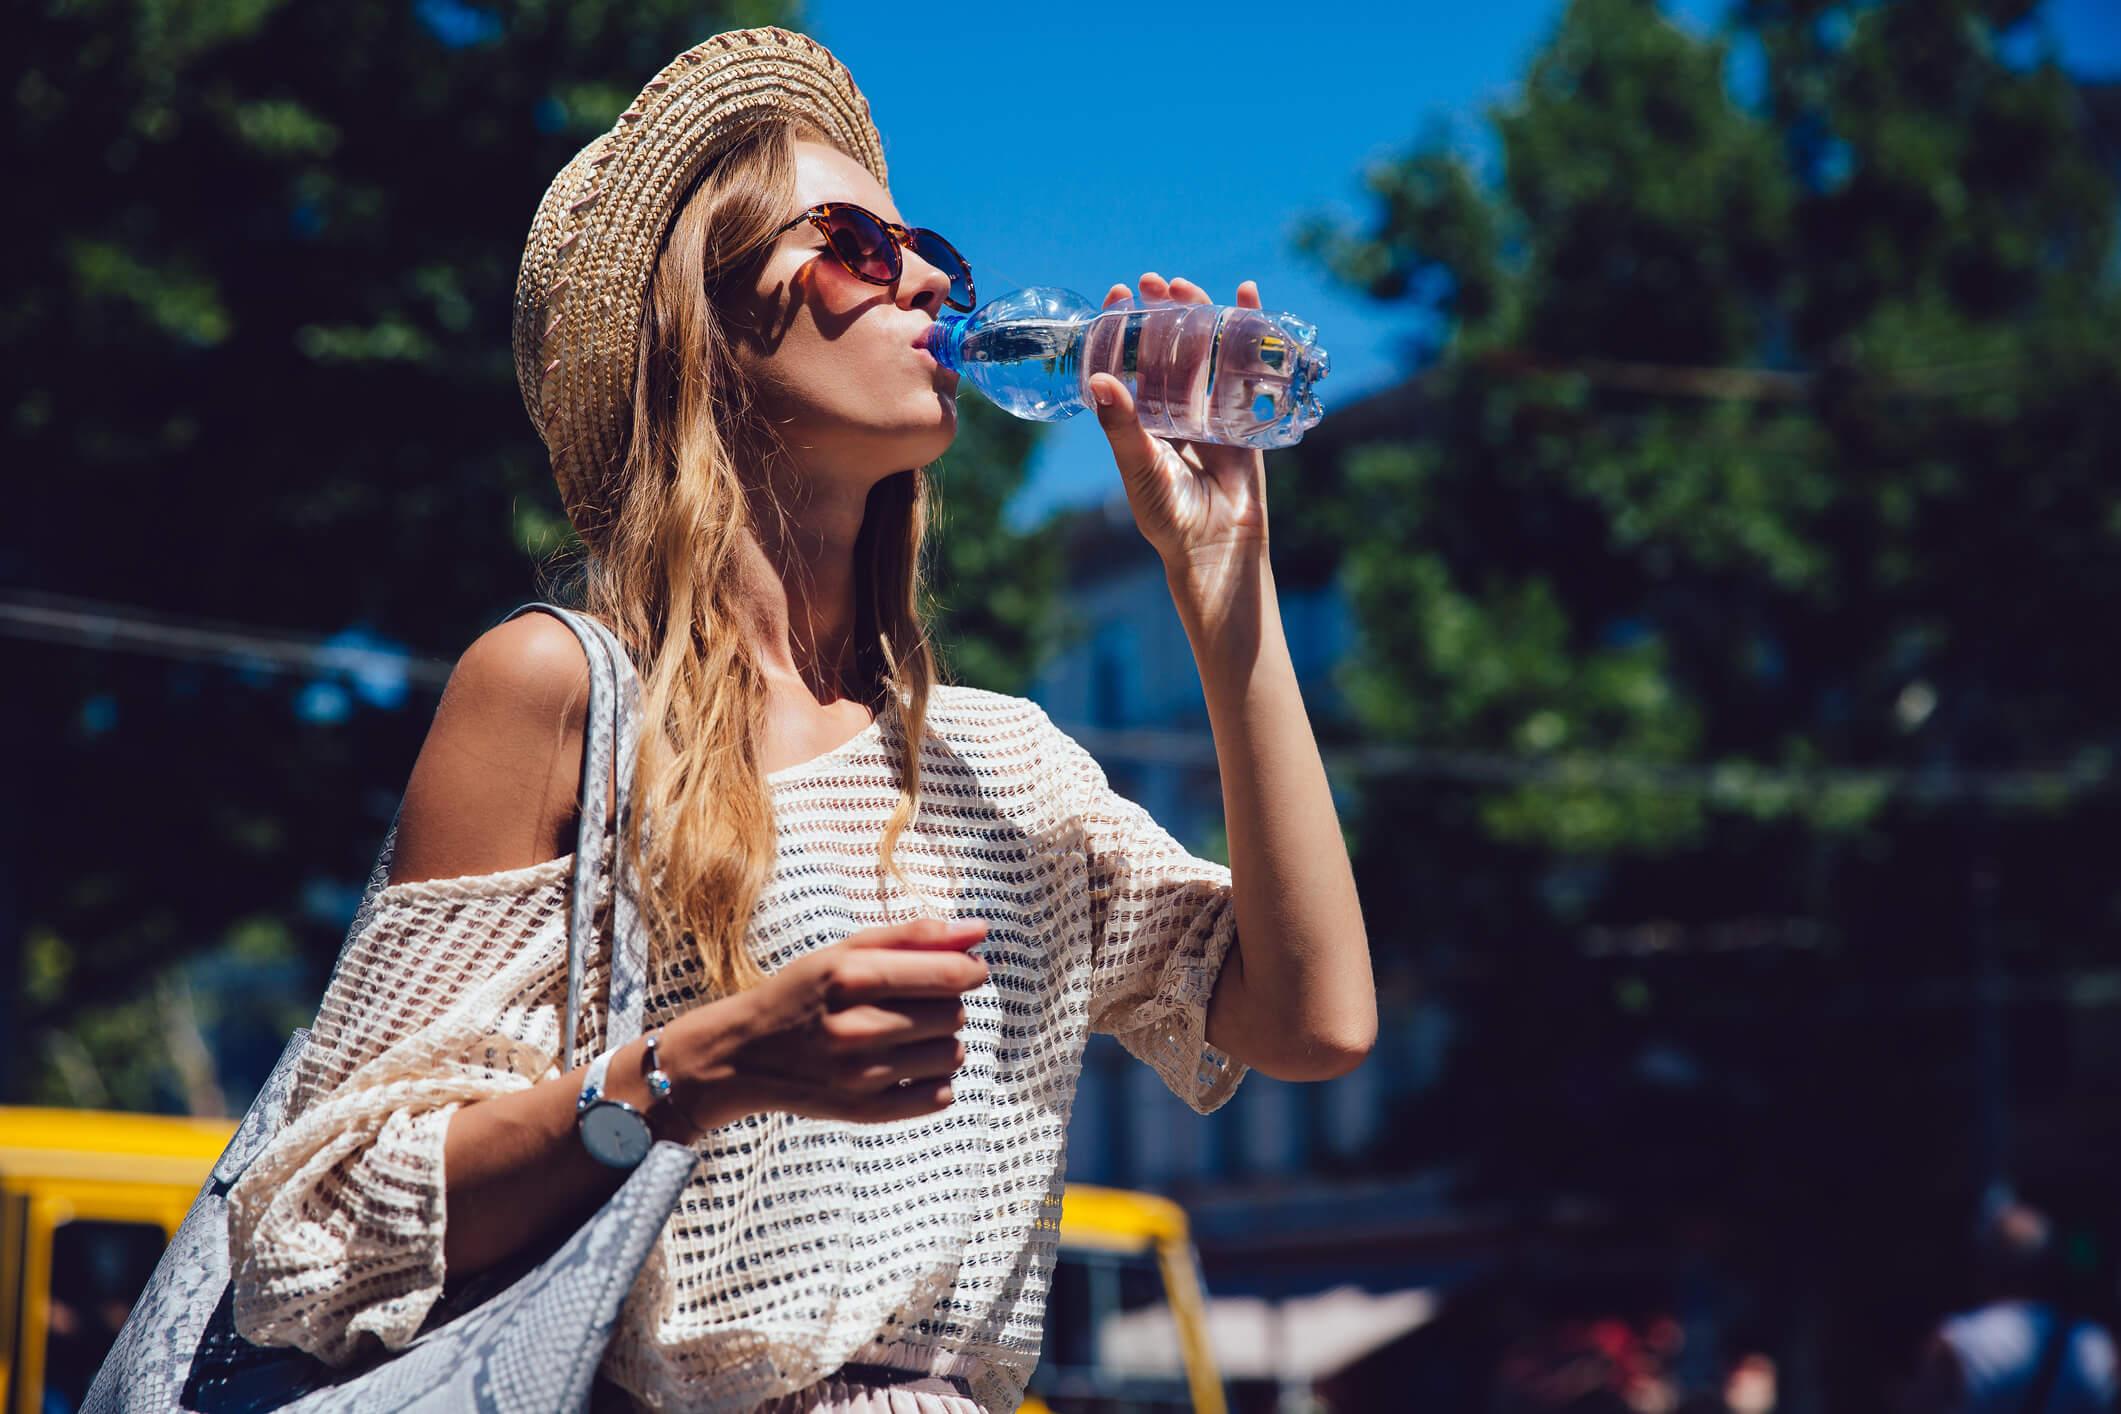 Frau mit Strohhut und Sonnenbrille trinkt aus Wasserflasche.